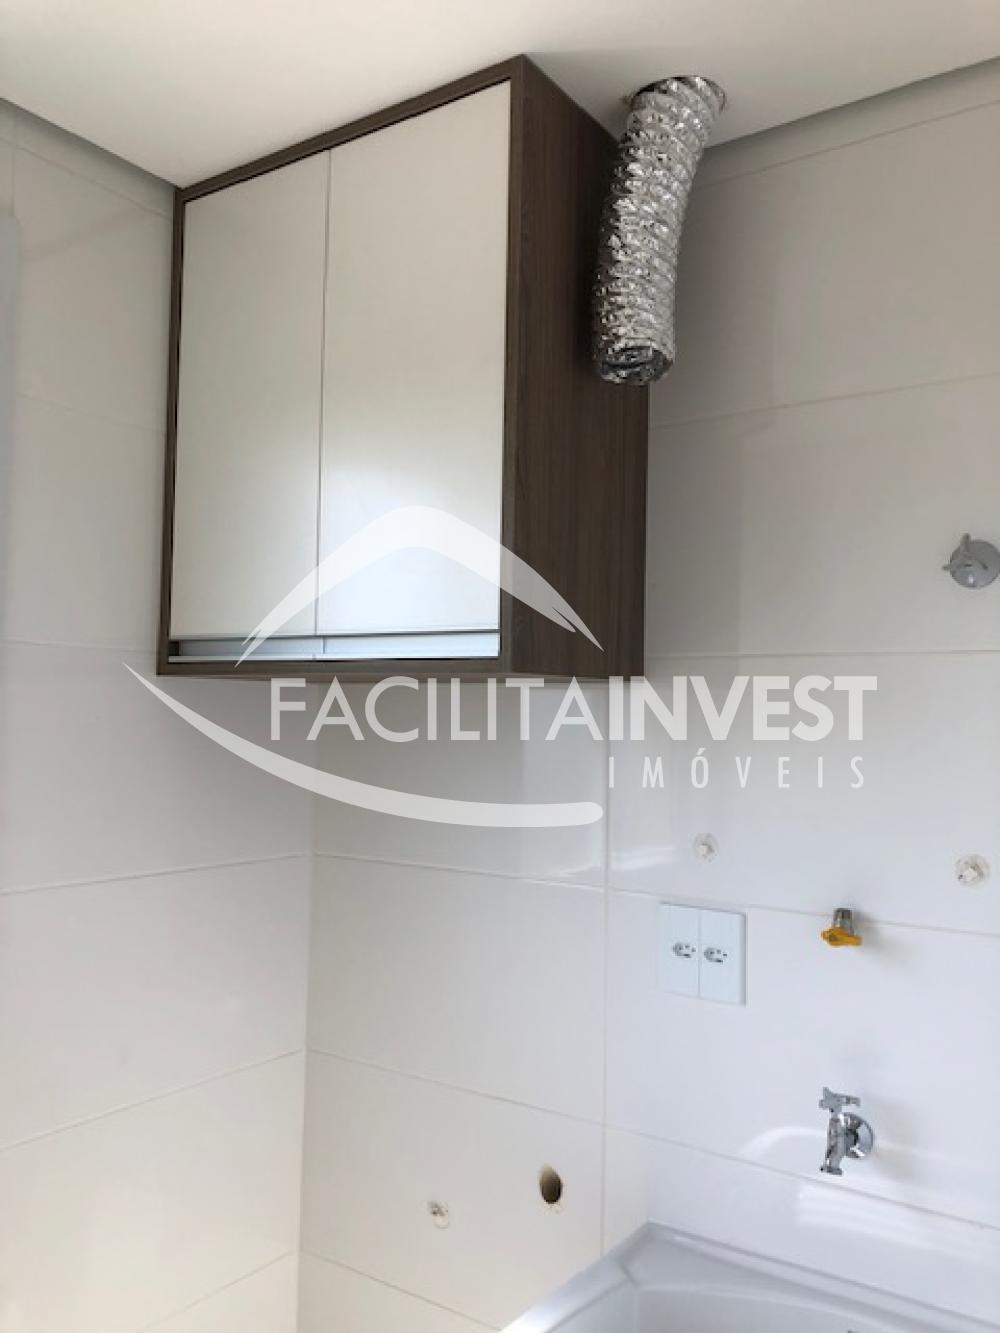 Alugar Lançamentos/ Empreendimentos em Construç / Apartamento padrão - Lançamento em Ribeirão Preto apenas R$ 1.200,00 - Foto 6